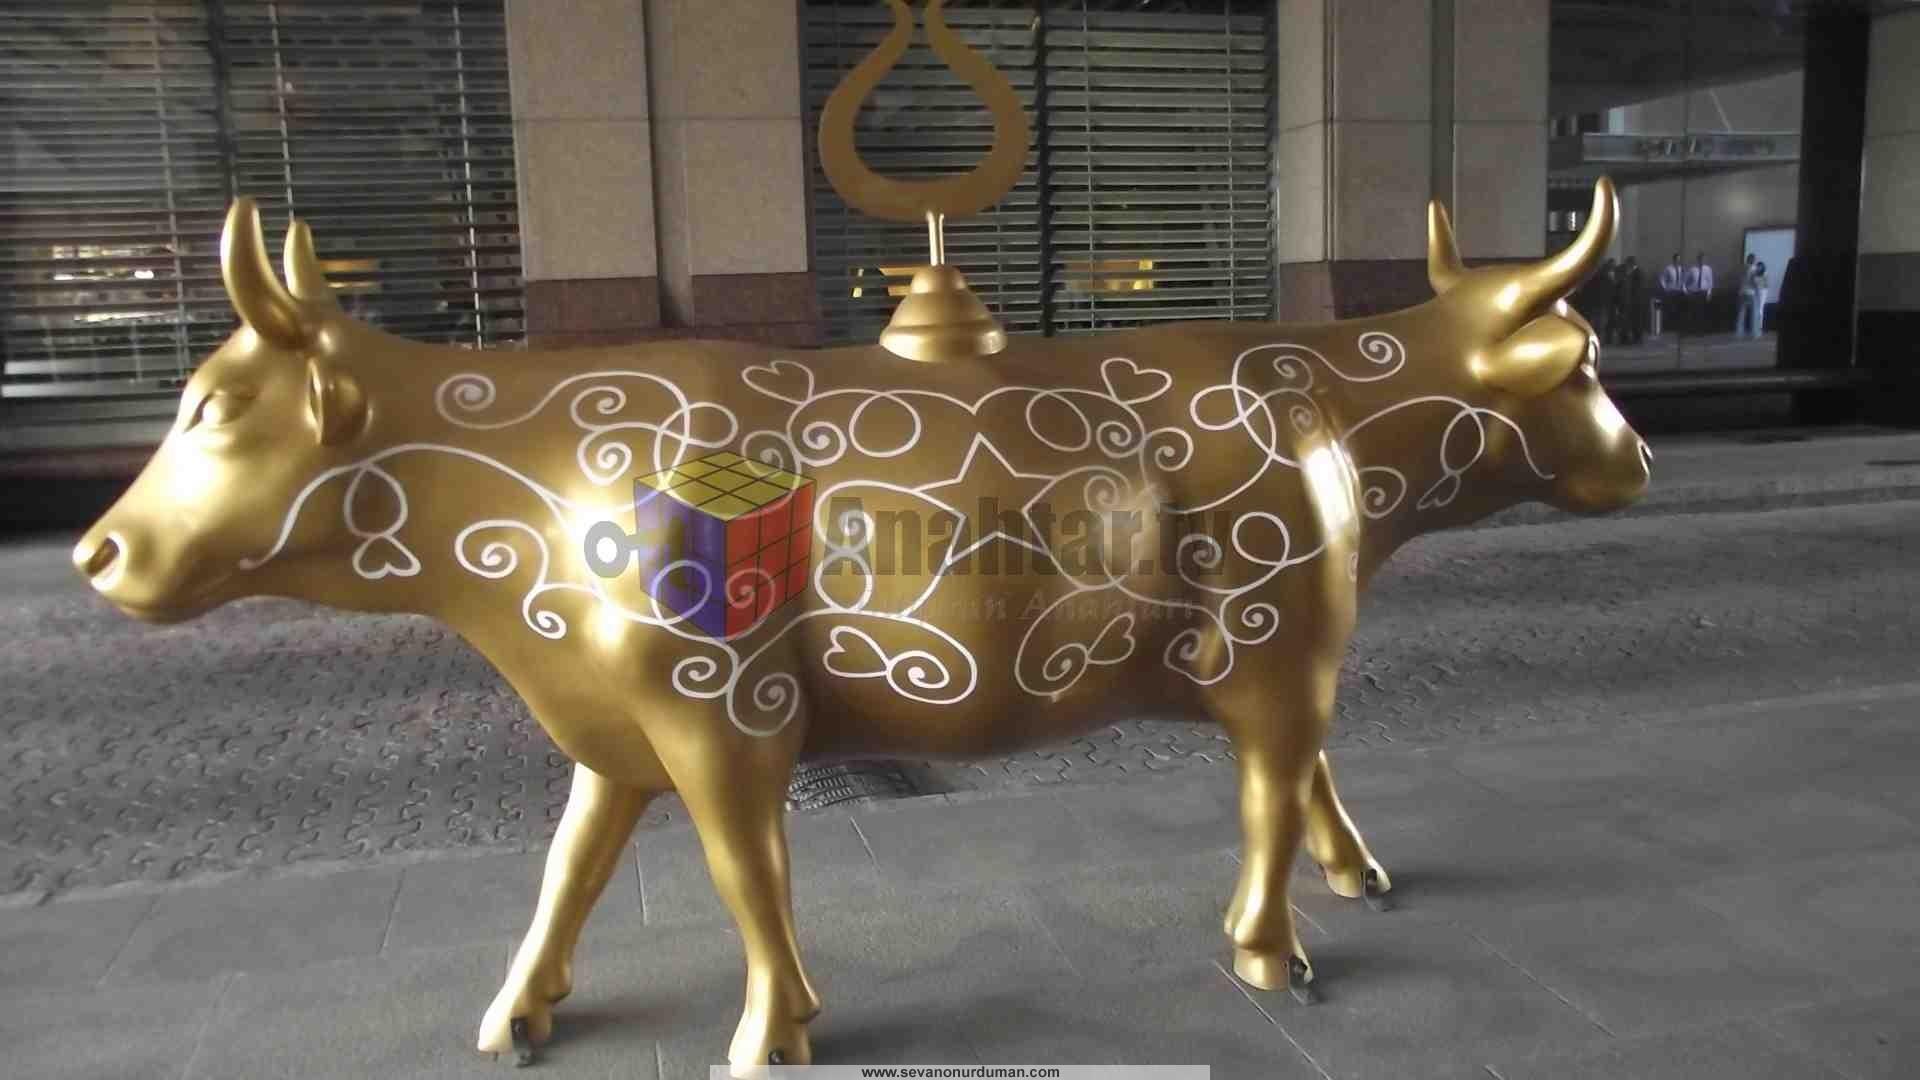 İş Bankası Levent Şubesi Altın Buzağı Fotoğraf: Sevan Onur Duman